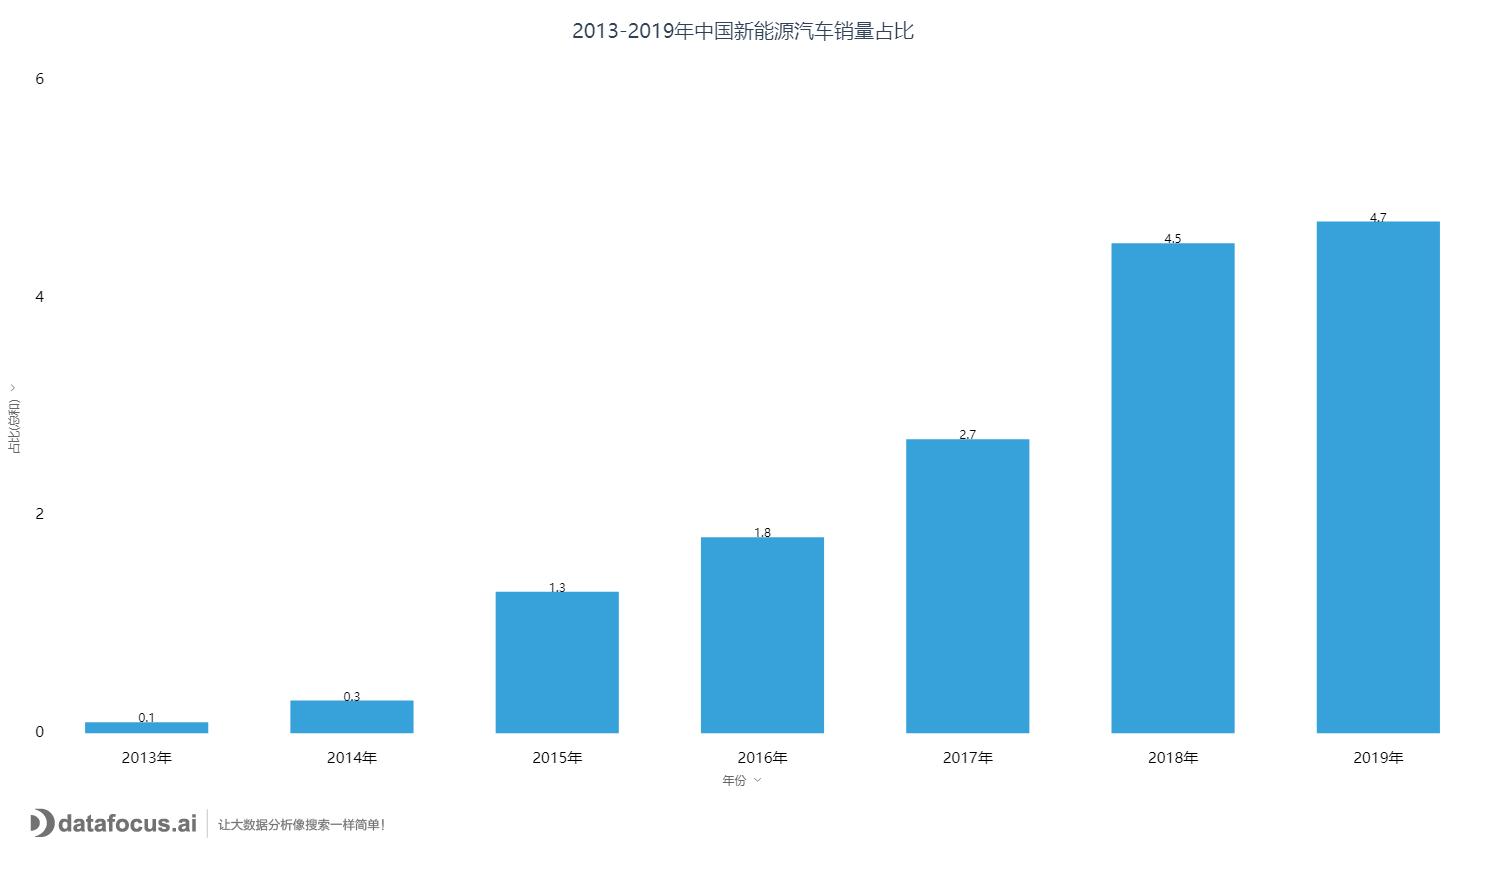 2013-2019年中国新能源汽车销量占比.png